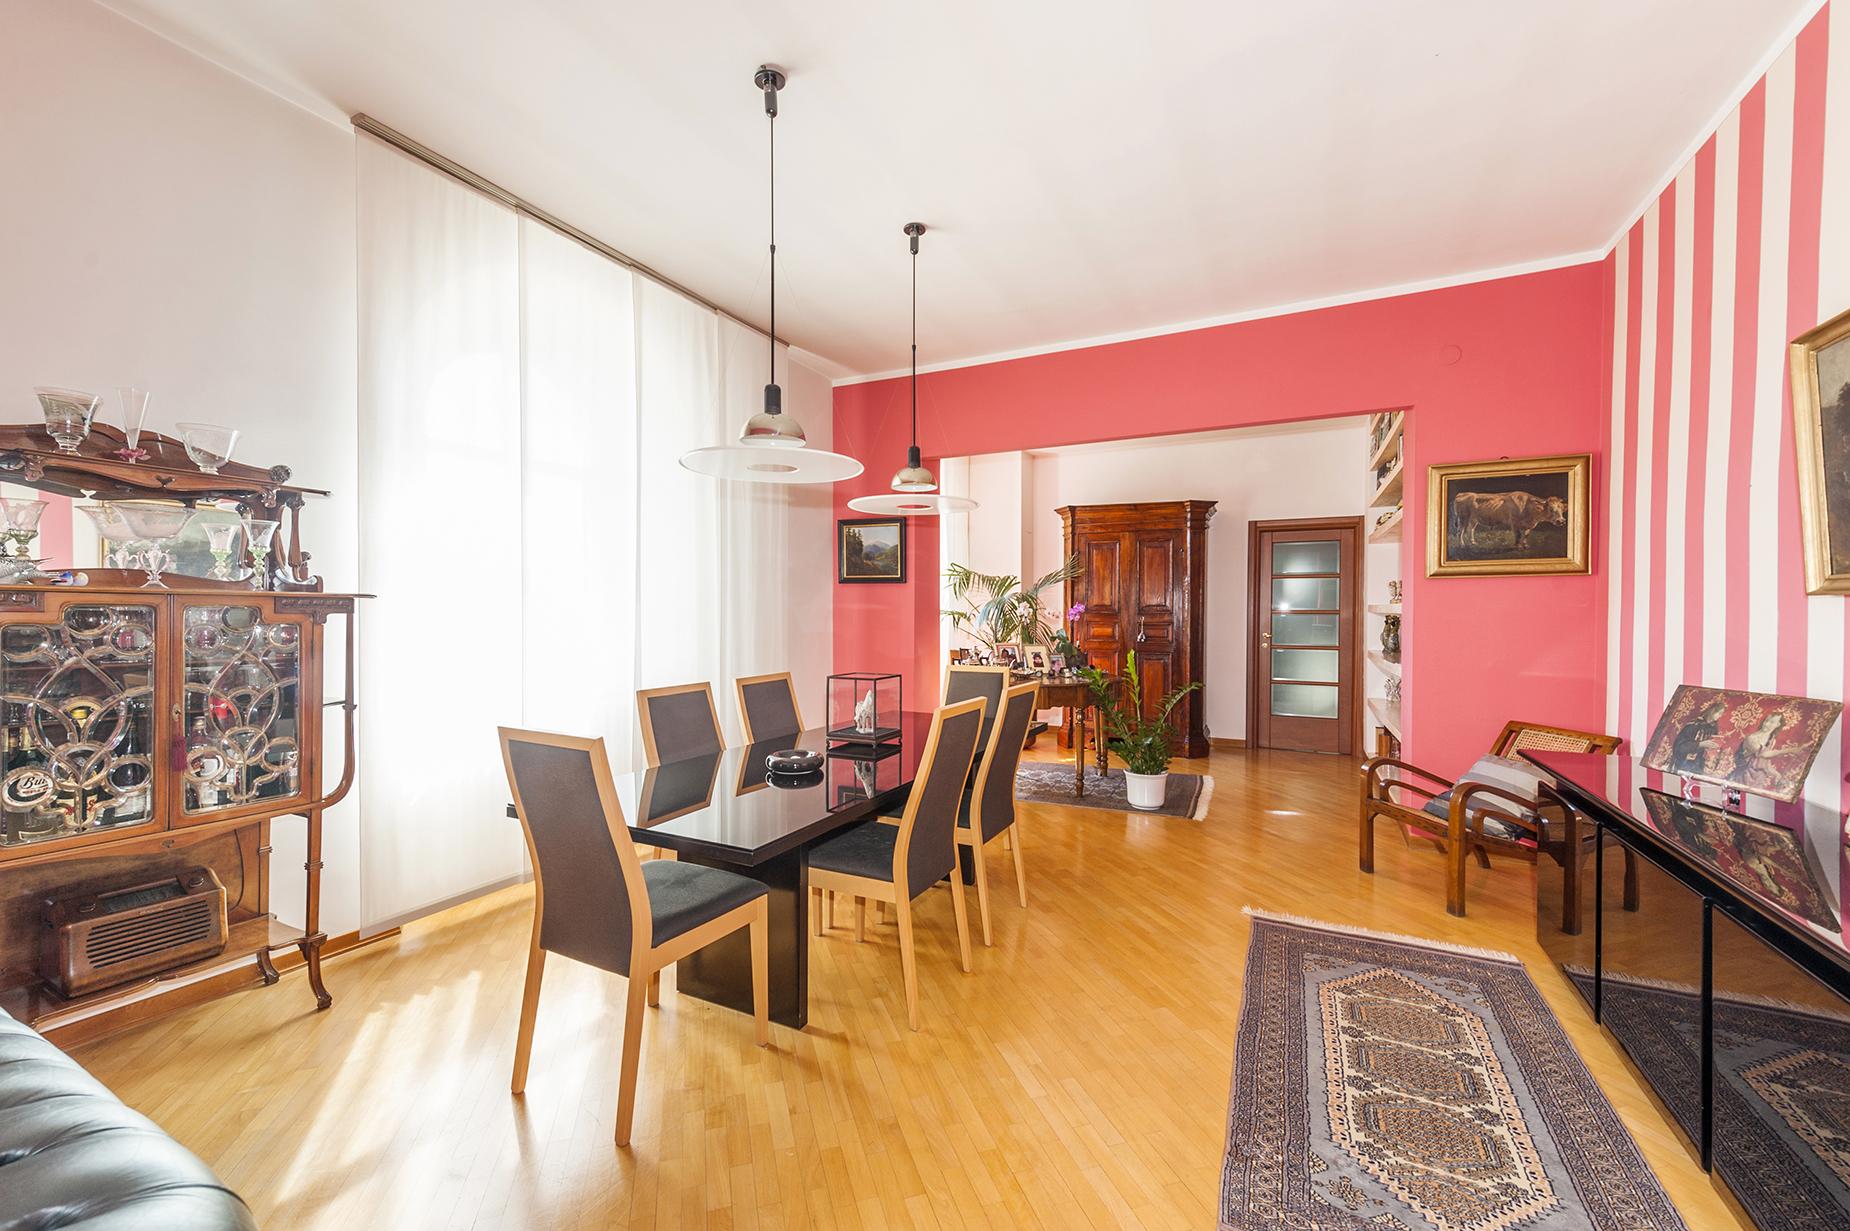 Casa indipendente di lusso in vendita a sorano via san for Vendita case lusso